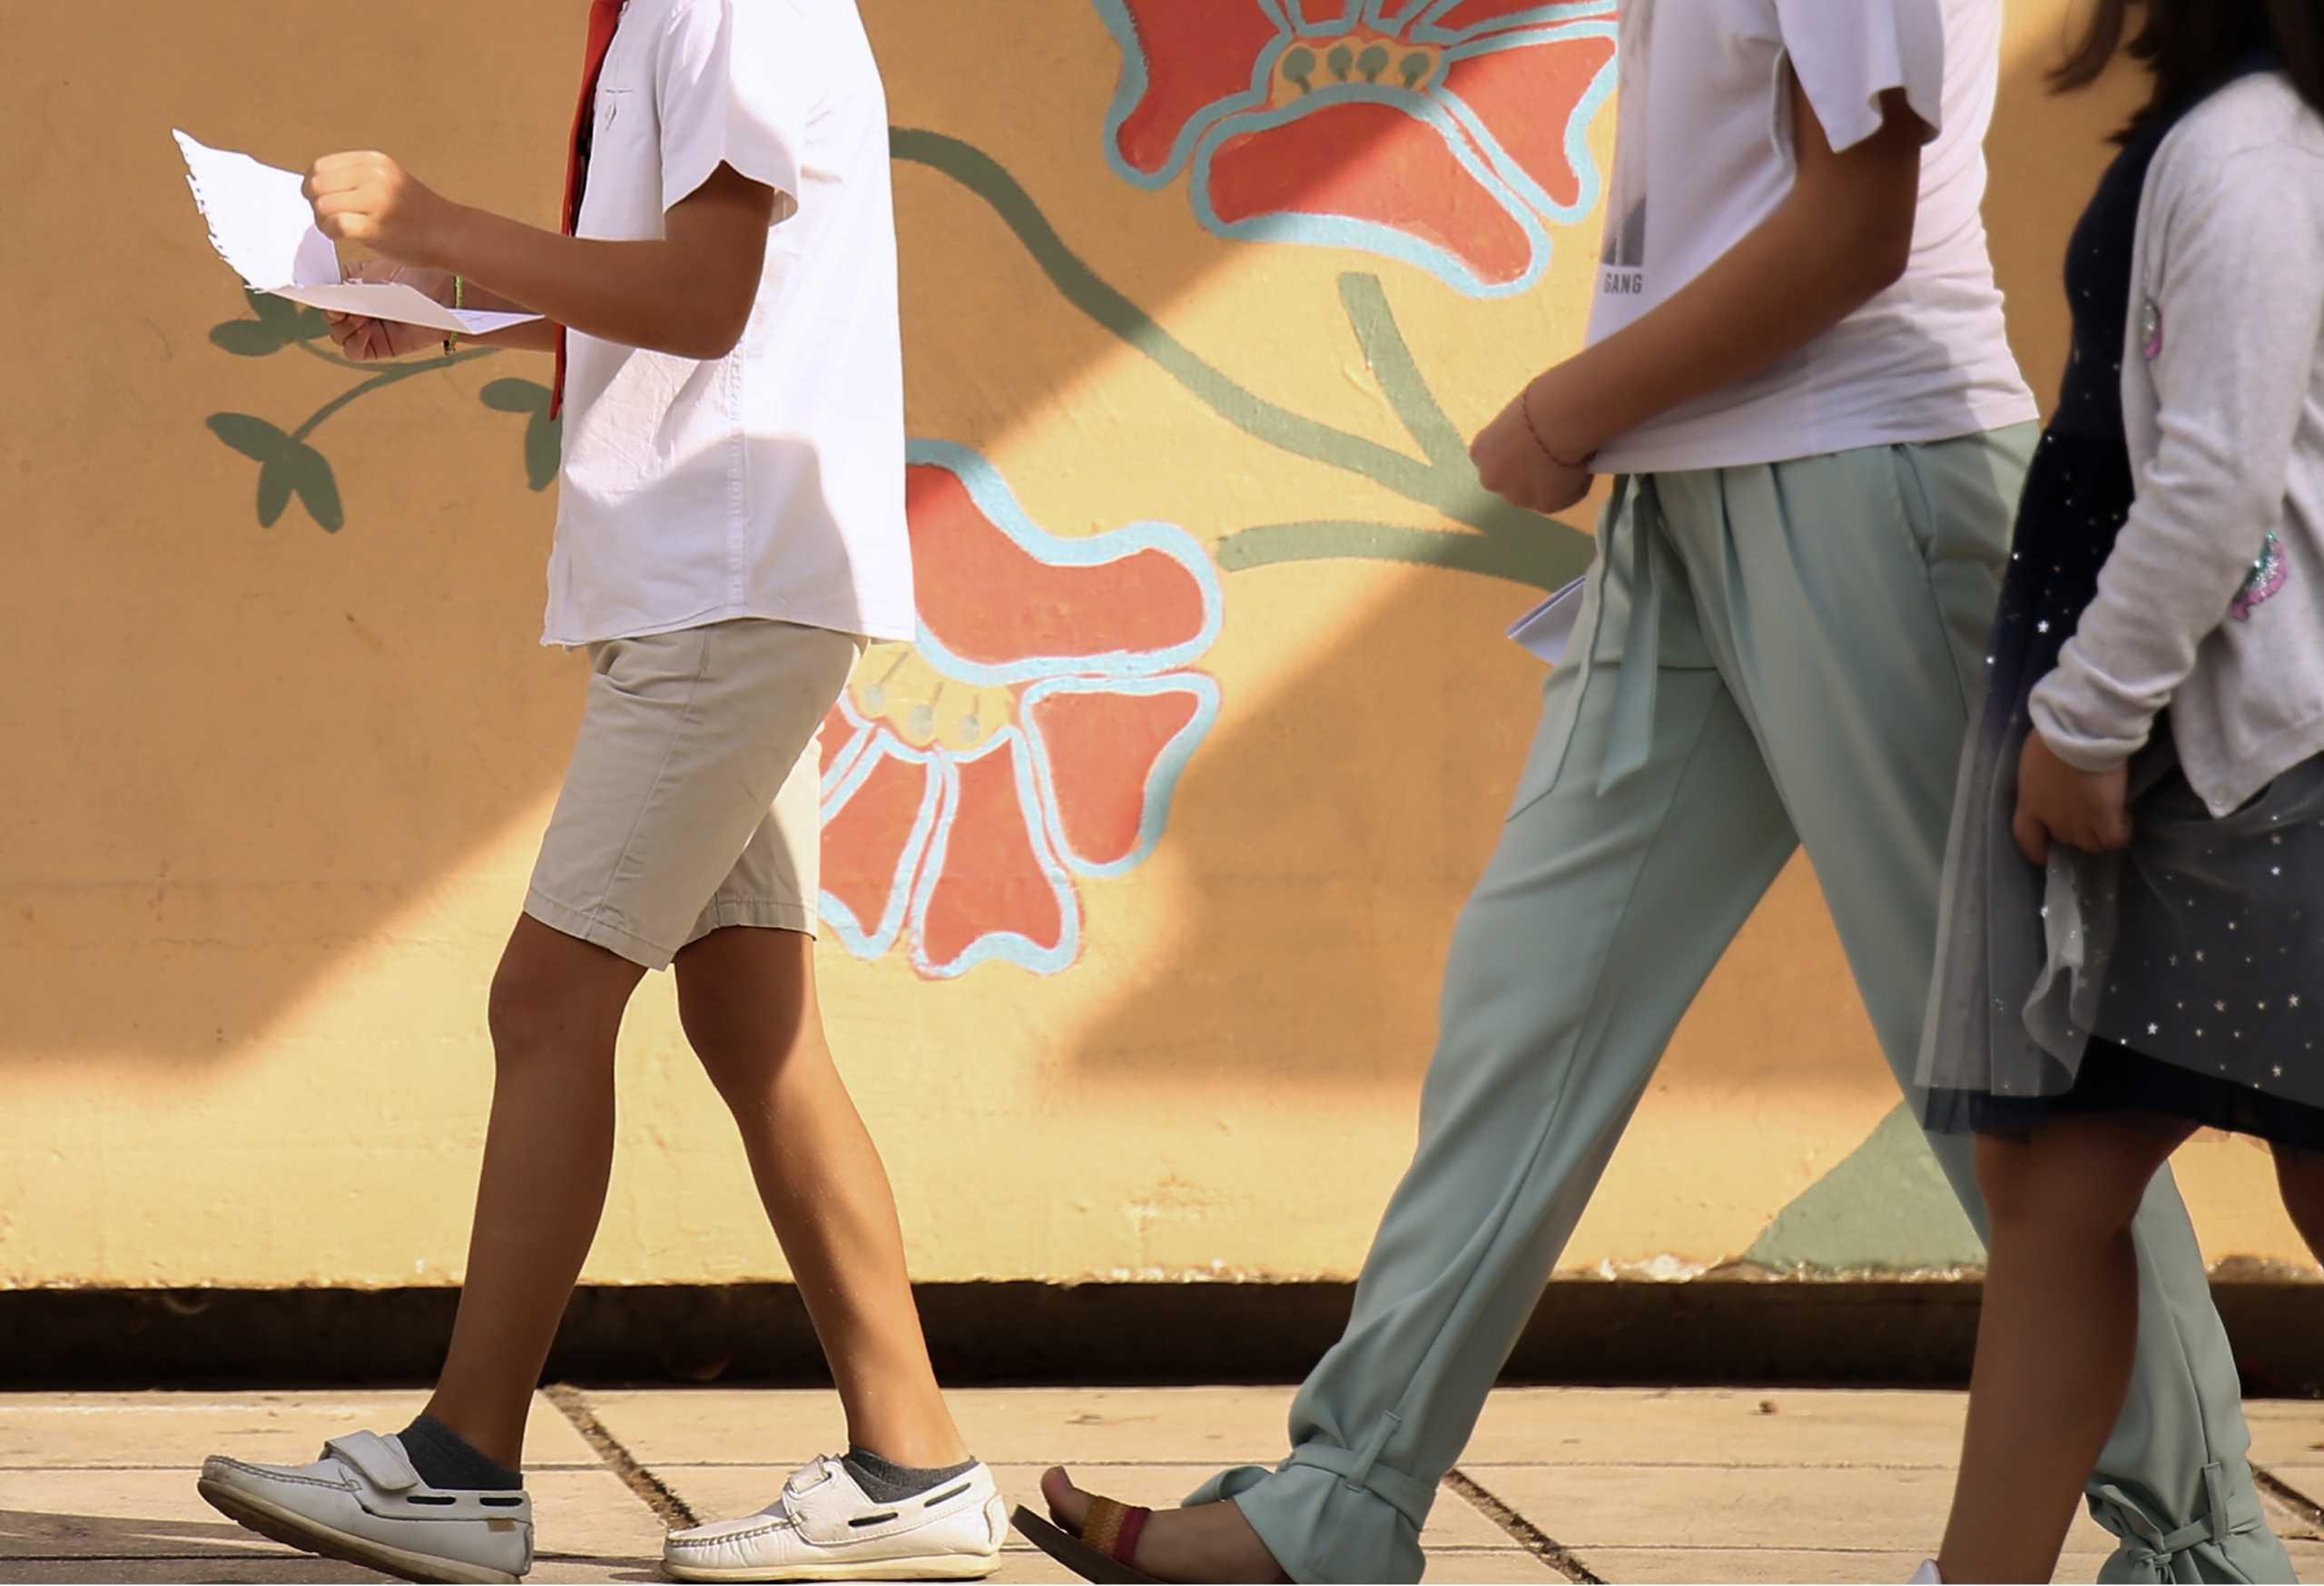 Πρόεδρος ΕΛΜΕ για γονείς αρνητές στα Καμίνια: «Είναι ένα εξοργιστικό περιστατικό»